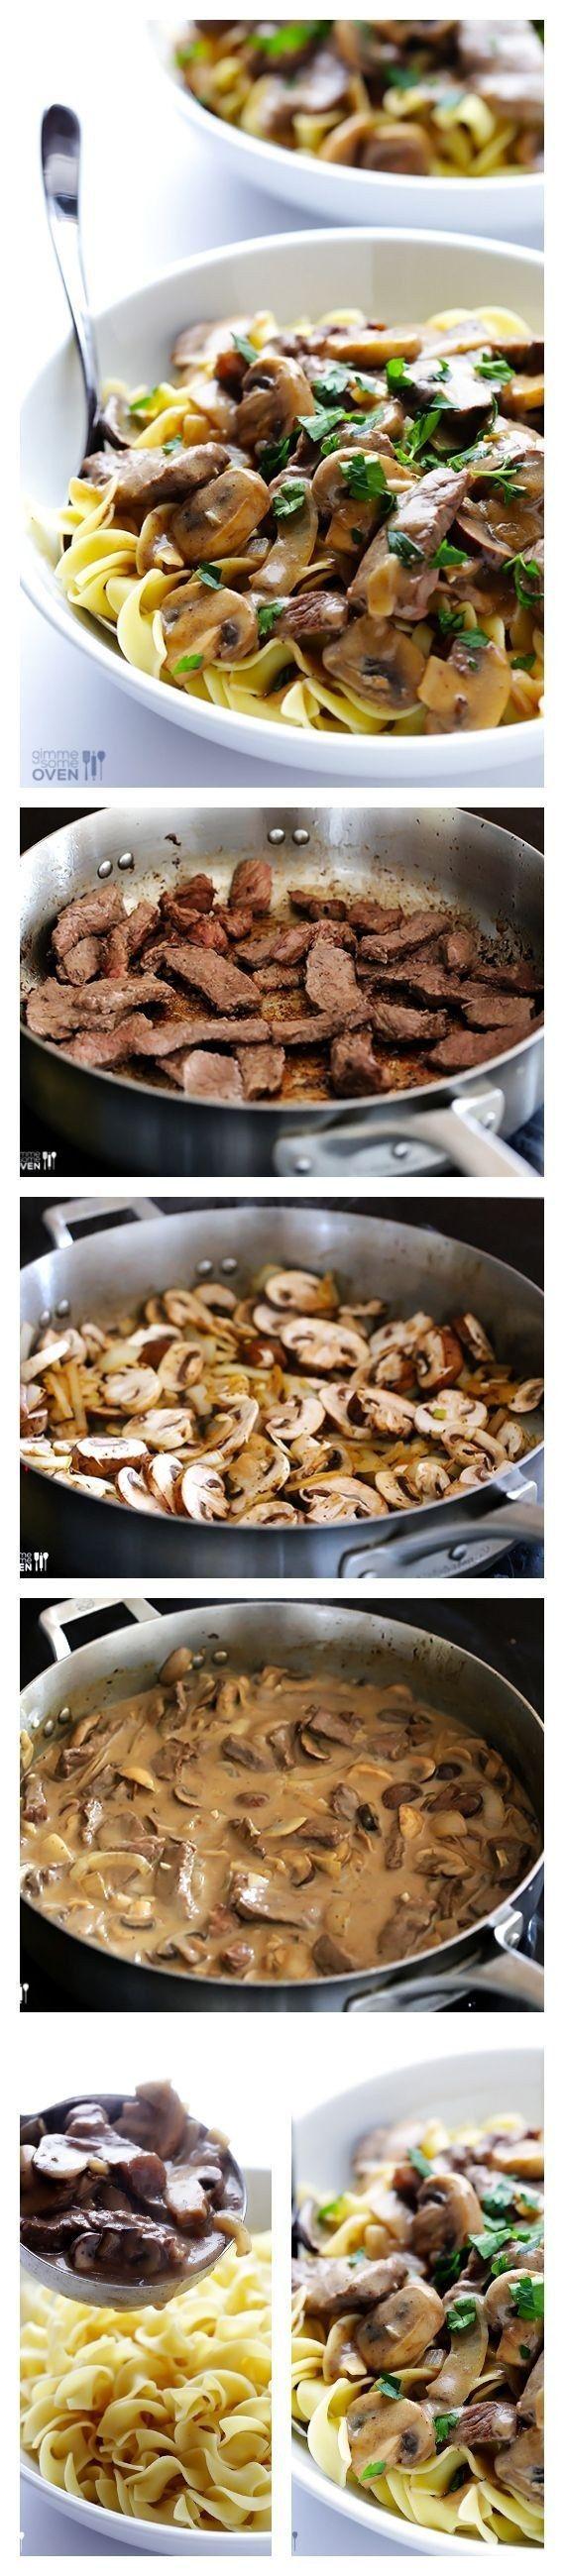 Easy Beef Stroganoff #pasta #noodles #recipe #easy #recipes